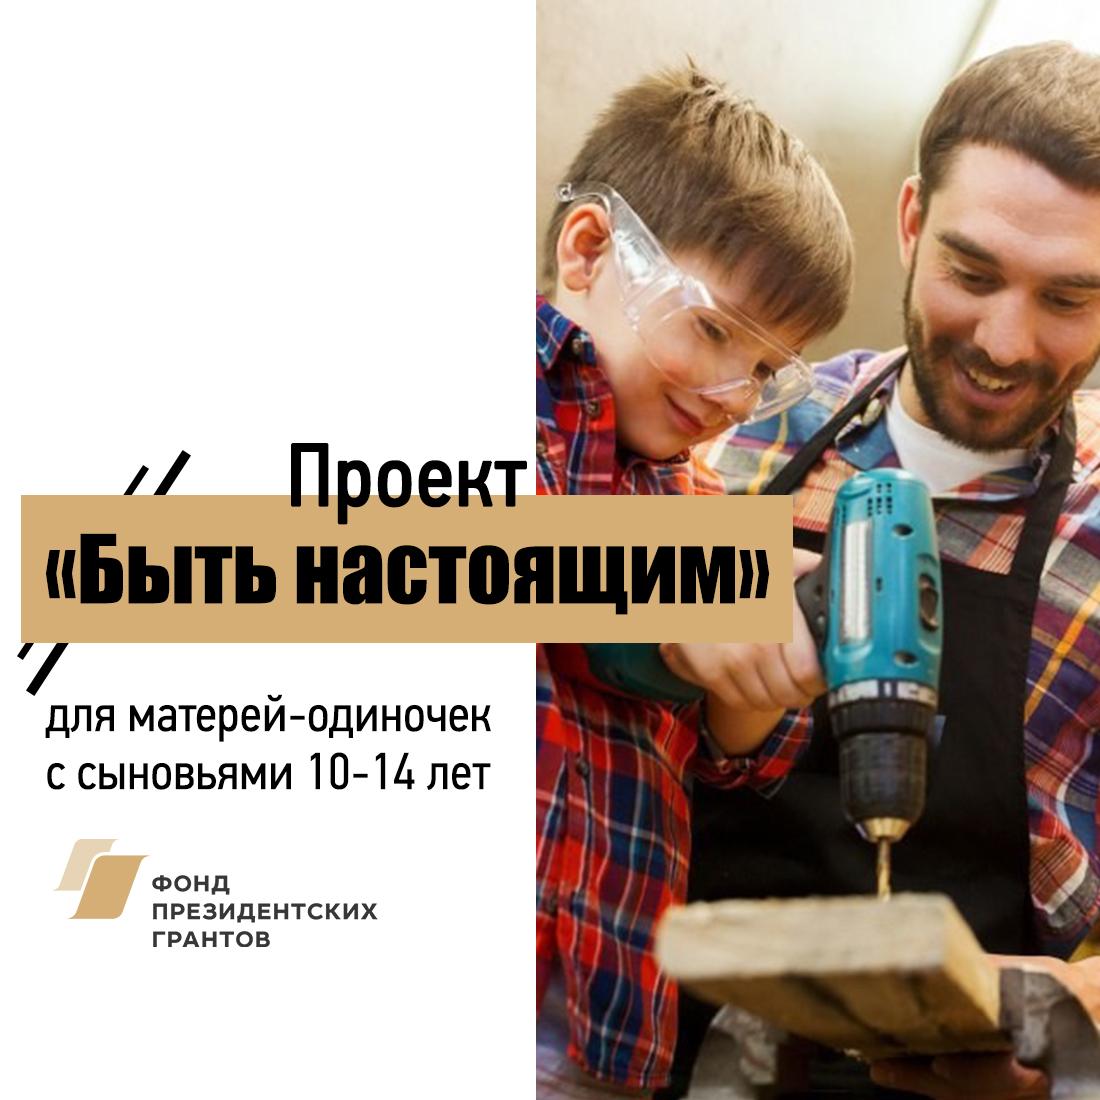 Тверской проект «Быть настоящим!»: первая встреча